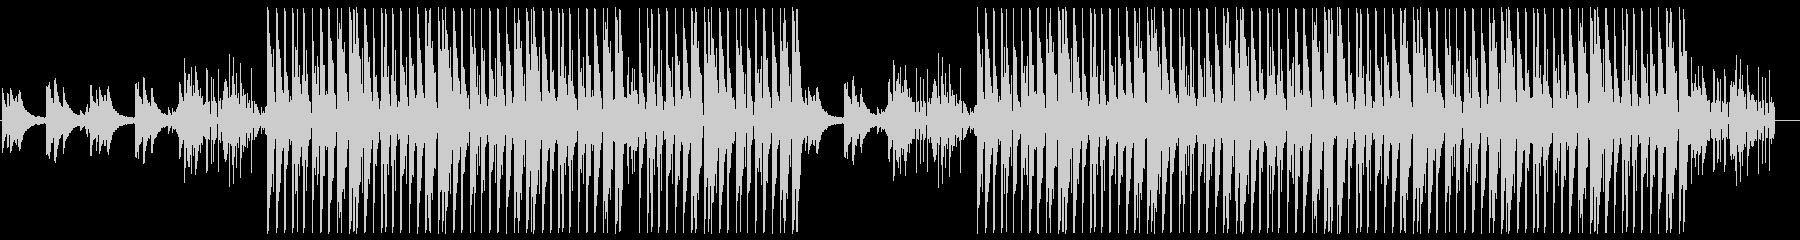 洋楽風R&B♪トラップソウルの未再生の波形